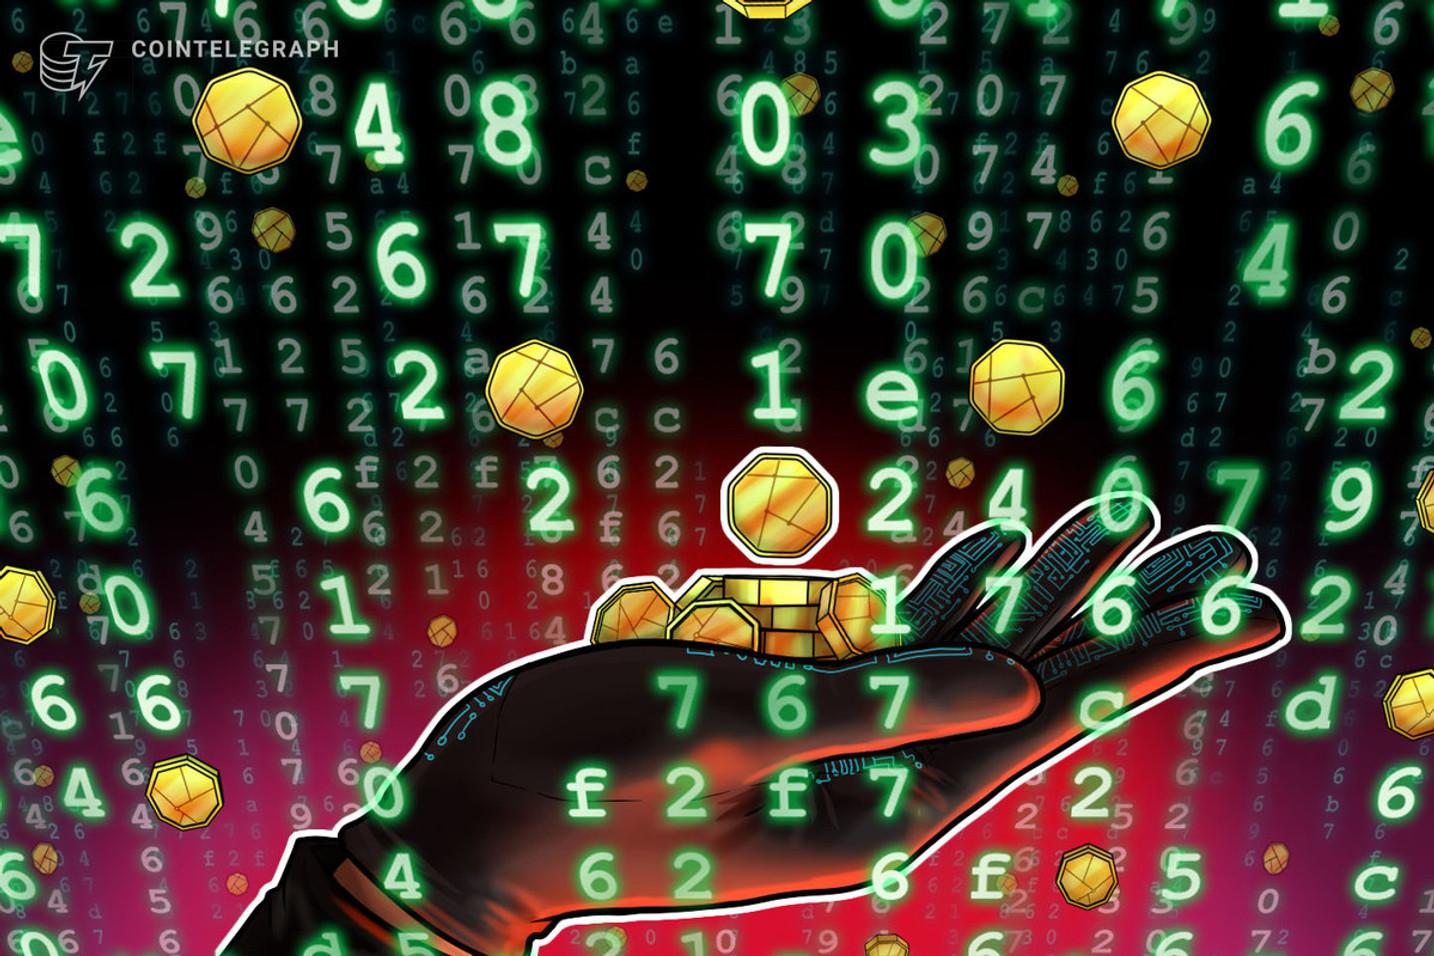 Compañía de deportes de fantasía online reconoce un ataque de ransomware en una presentación a la SEC